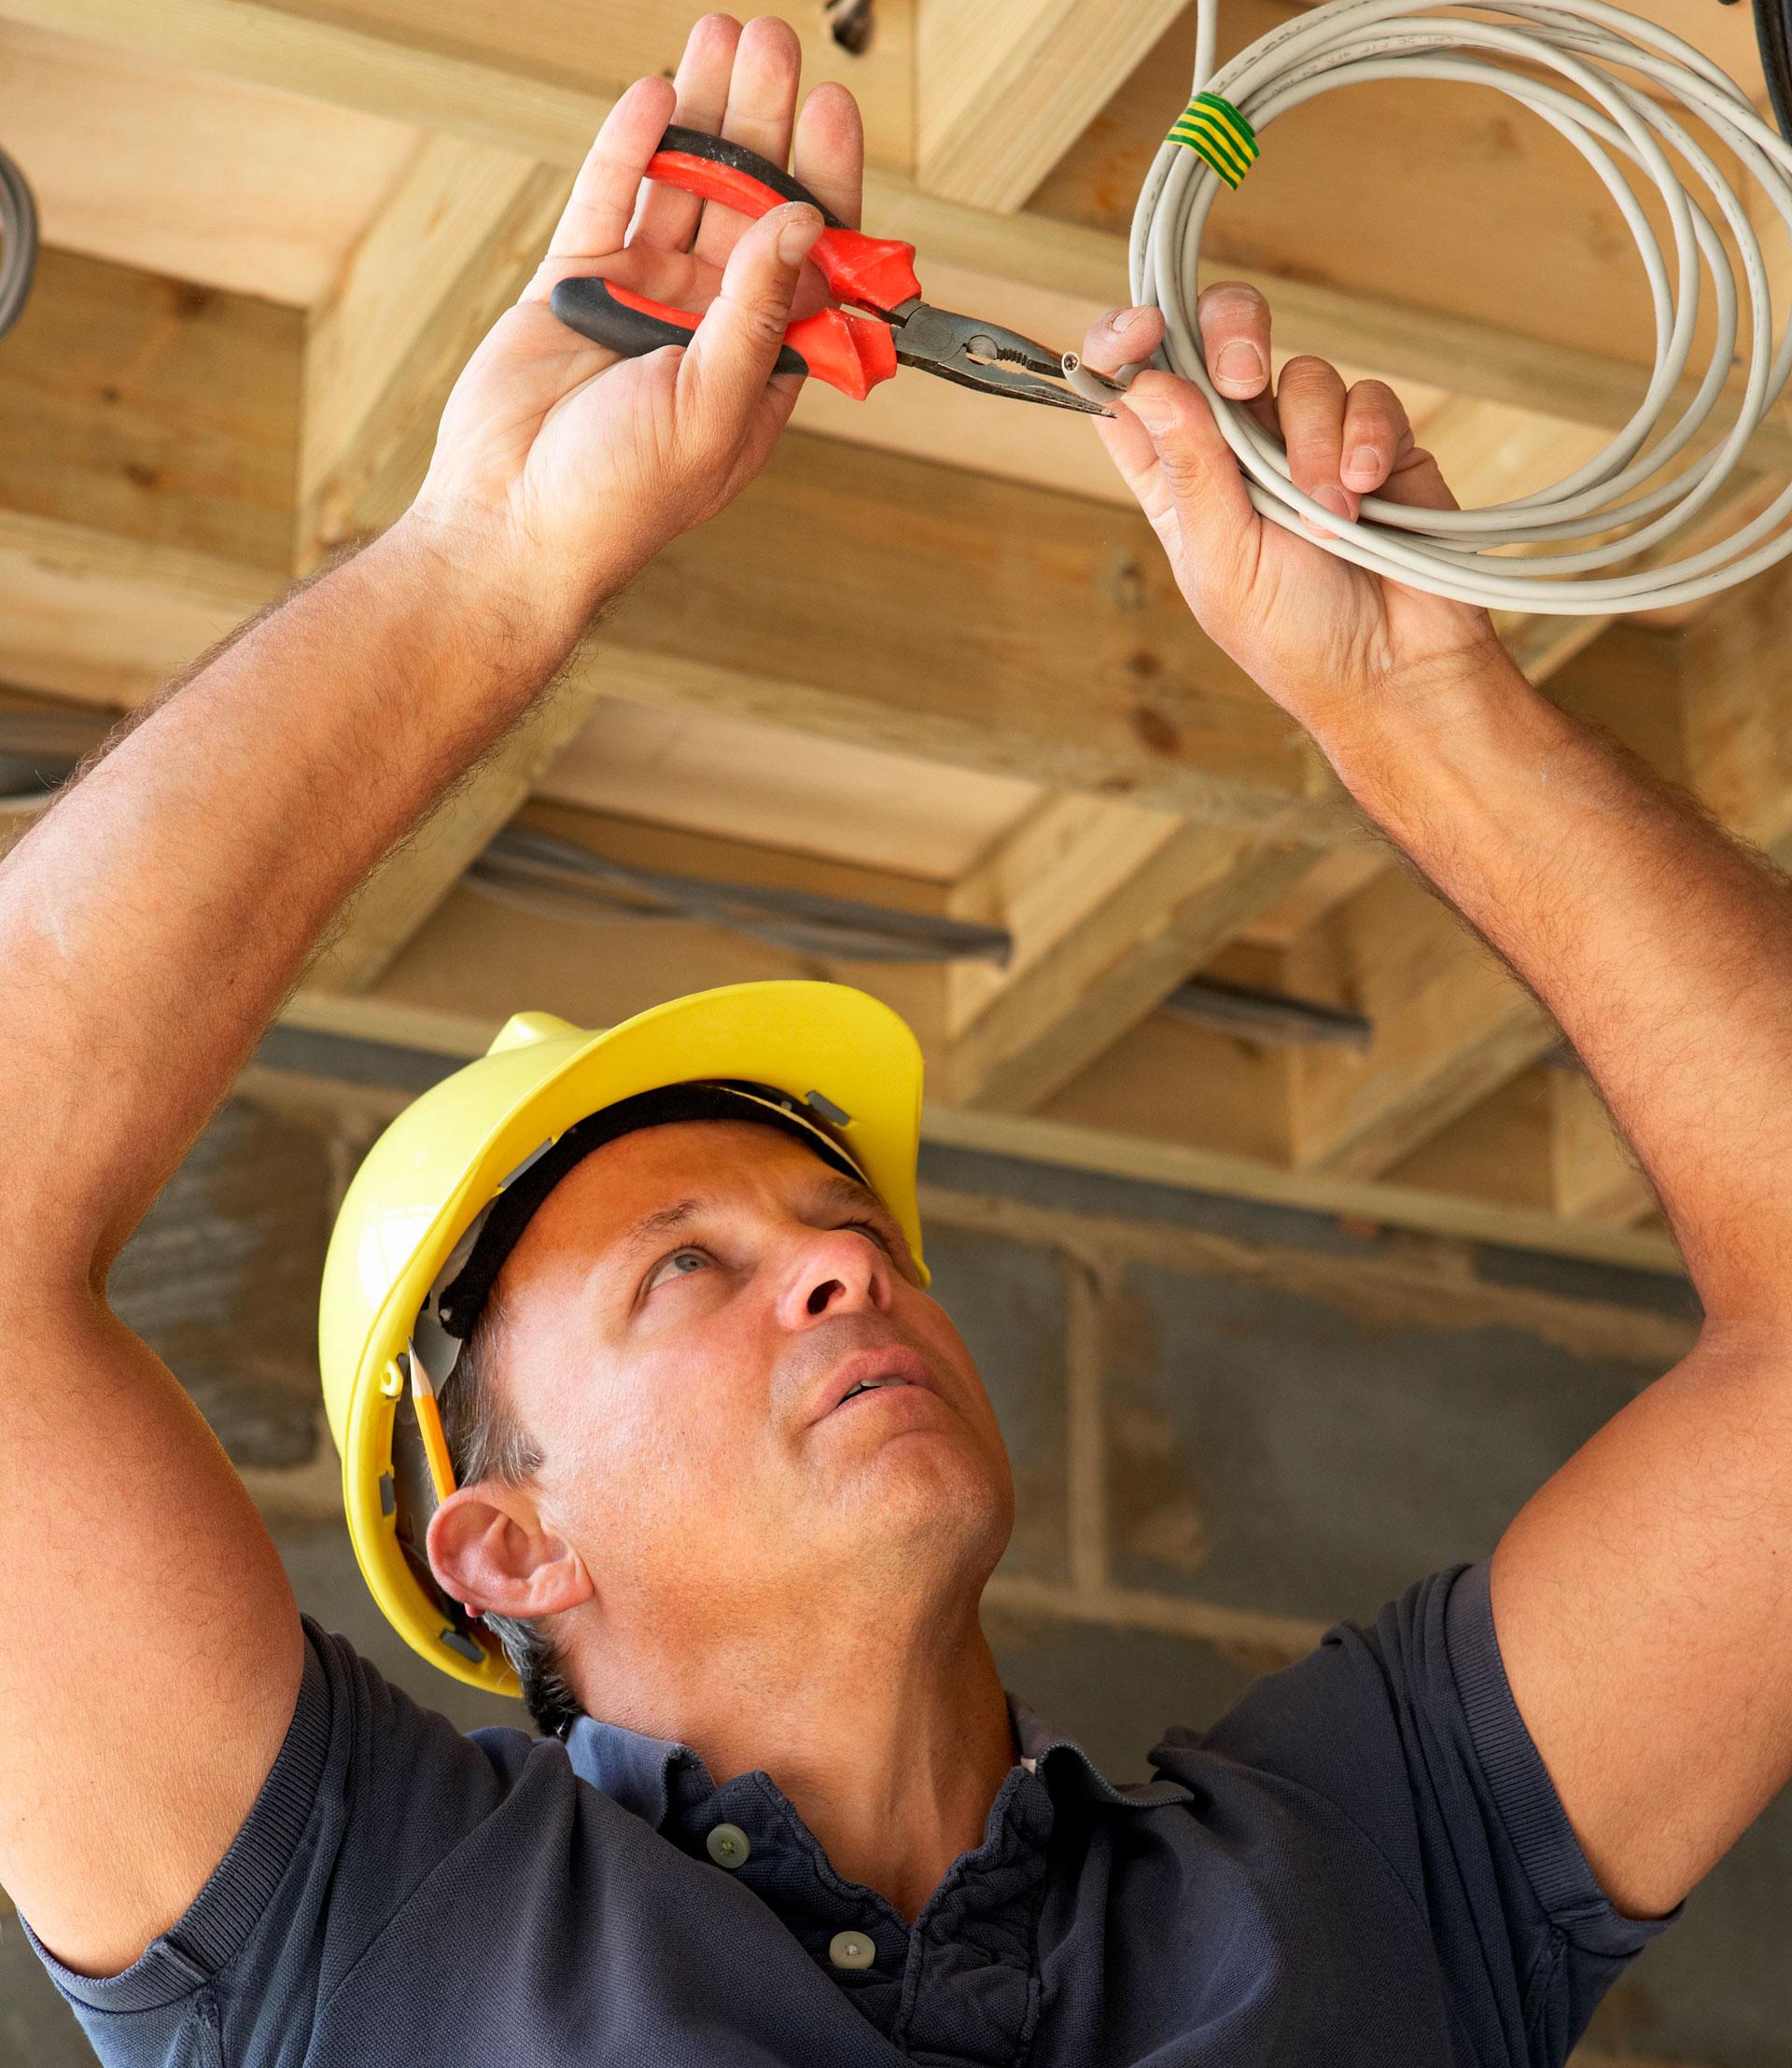 Signs that Your House Needs Rewiring - A.Z. Électrique